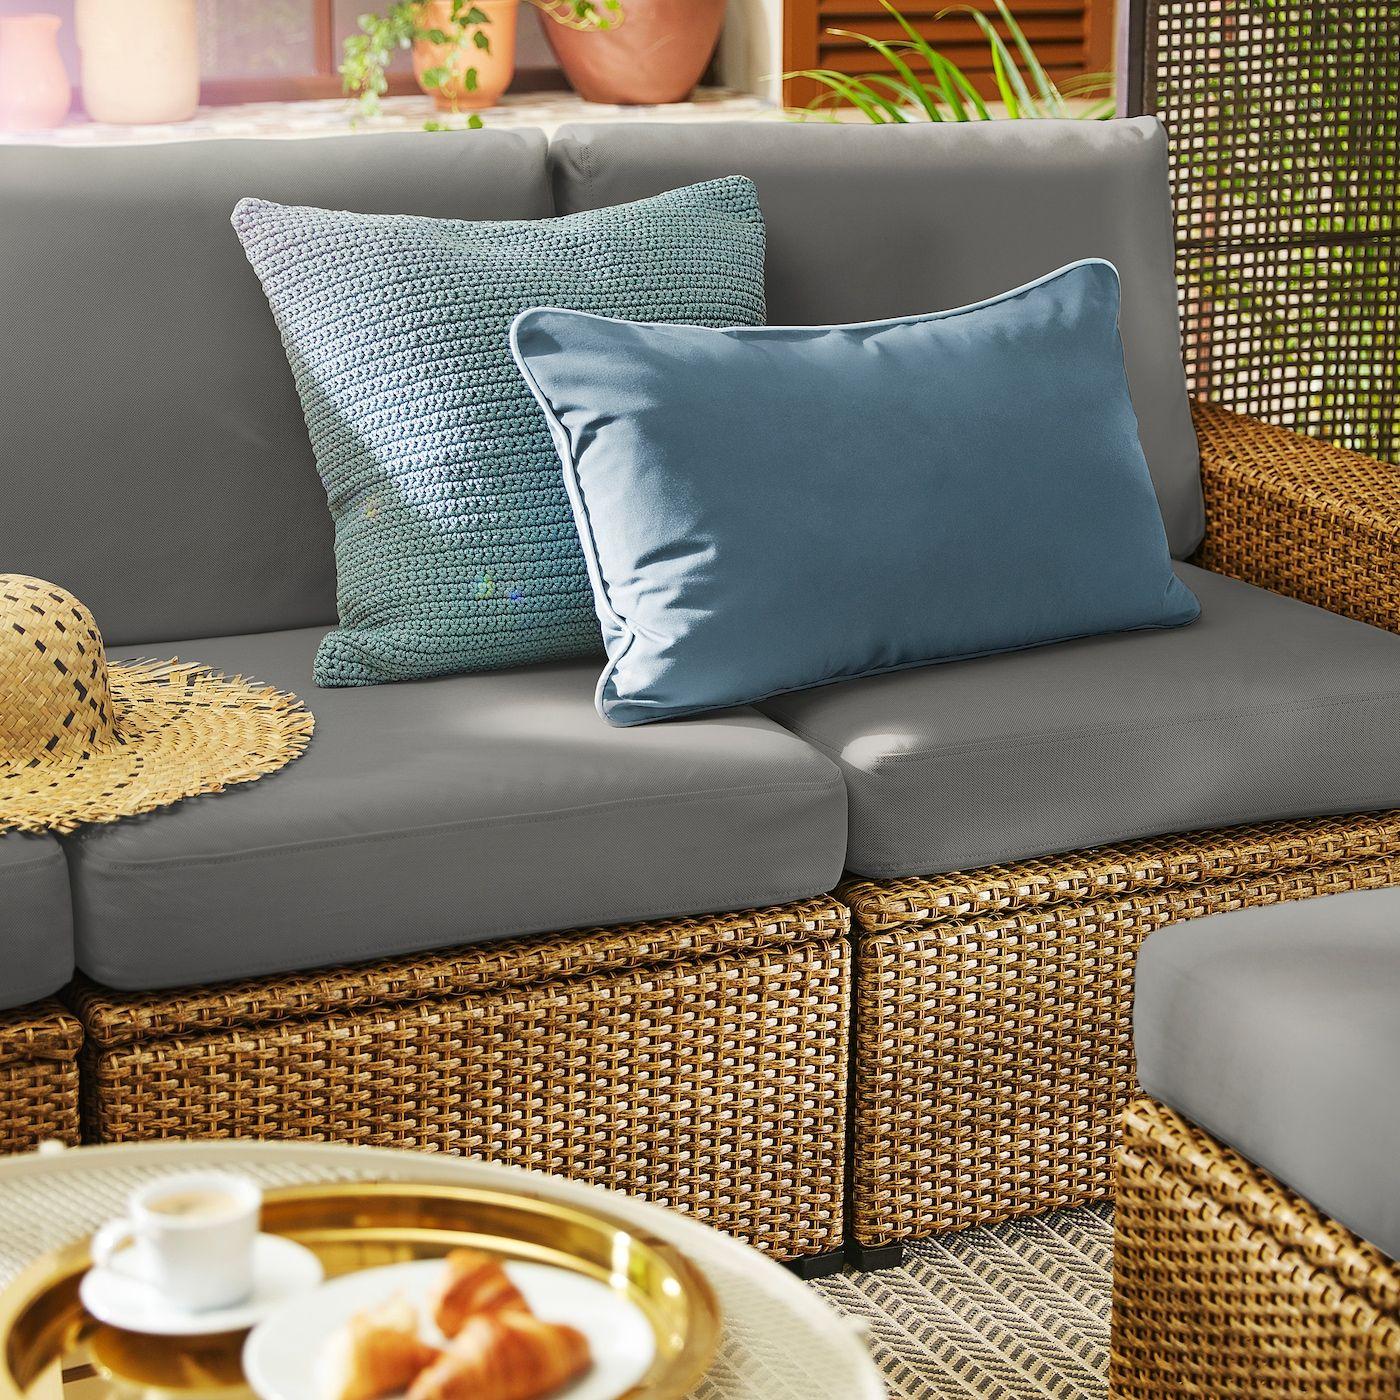 Solleron 3er Sitzelement Aussen Braun Froson Duvholmen Dunkelgrau Ikea Osterreich In 2020 Orange Sofa Design Ikea Blue Sofa Design